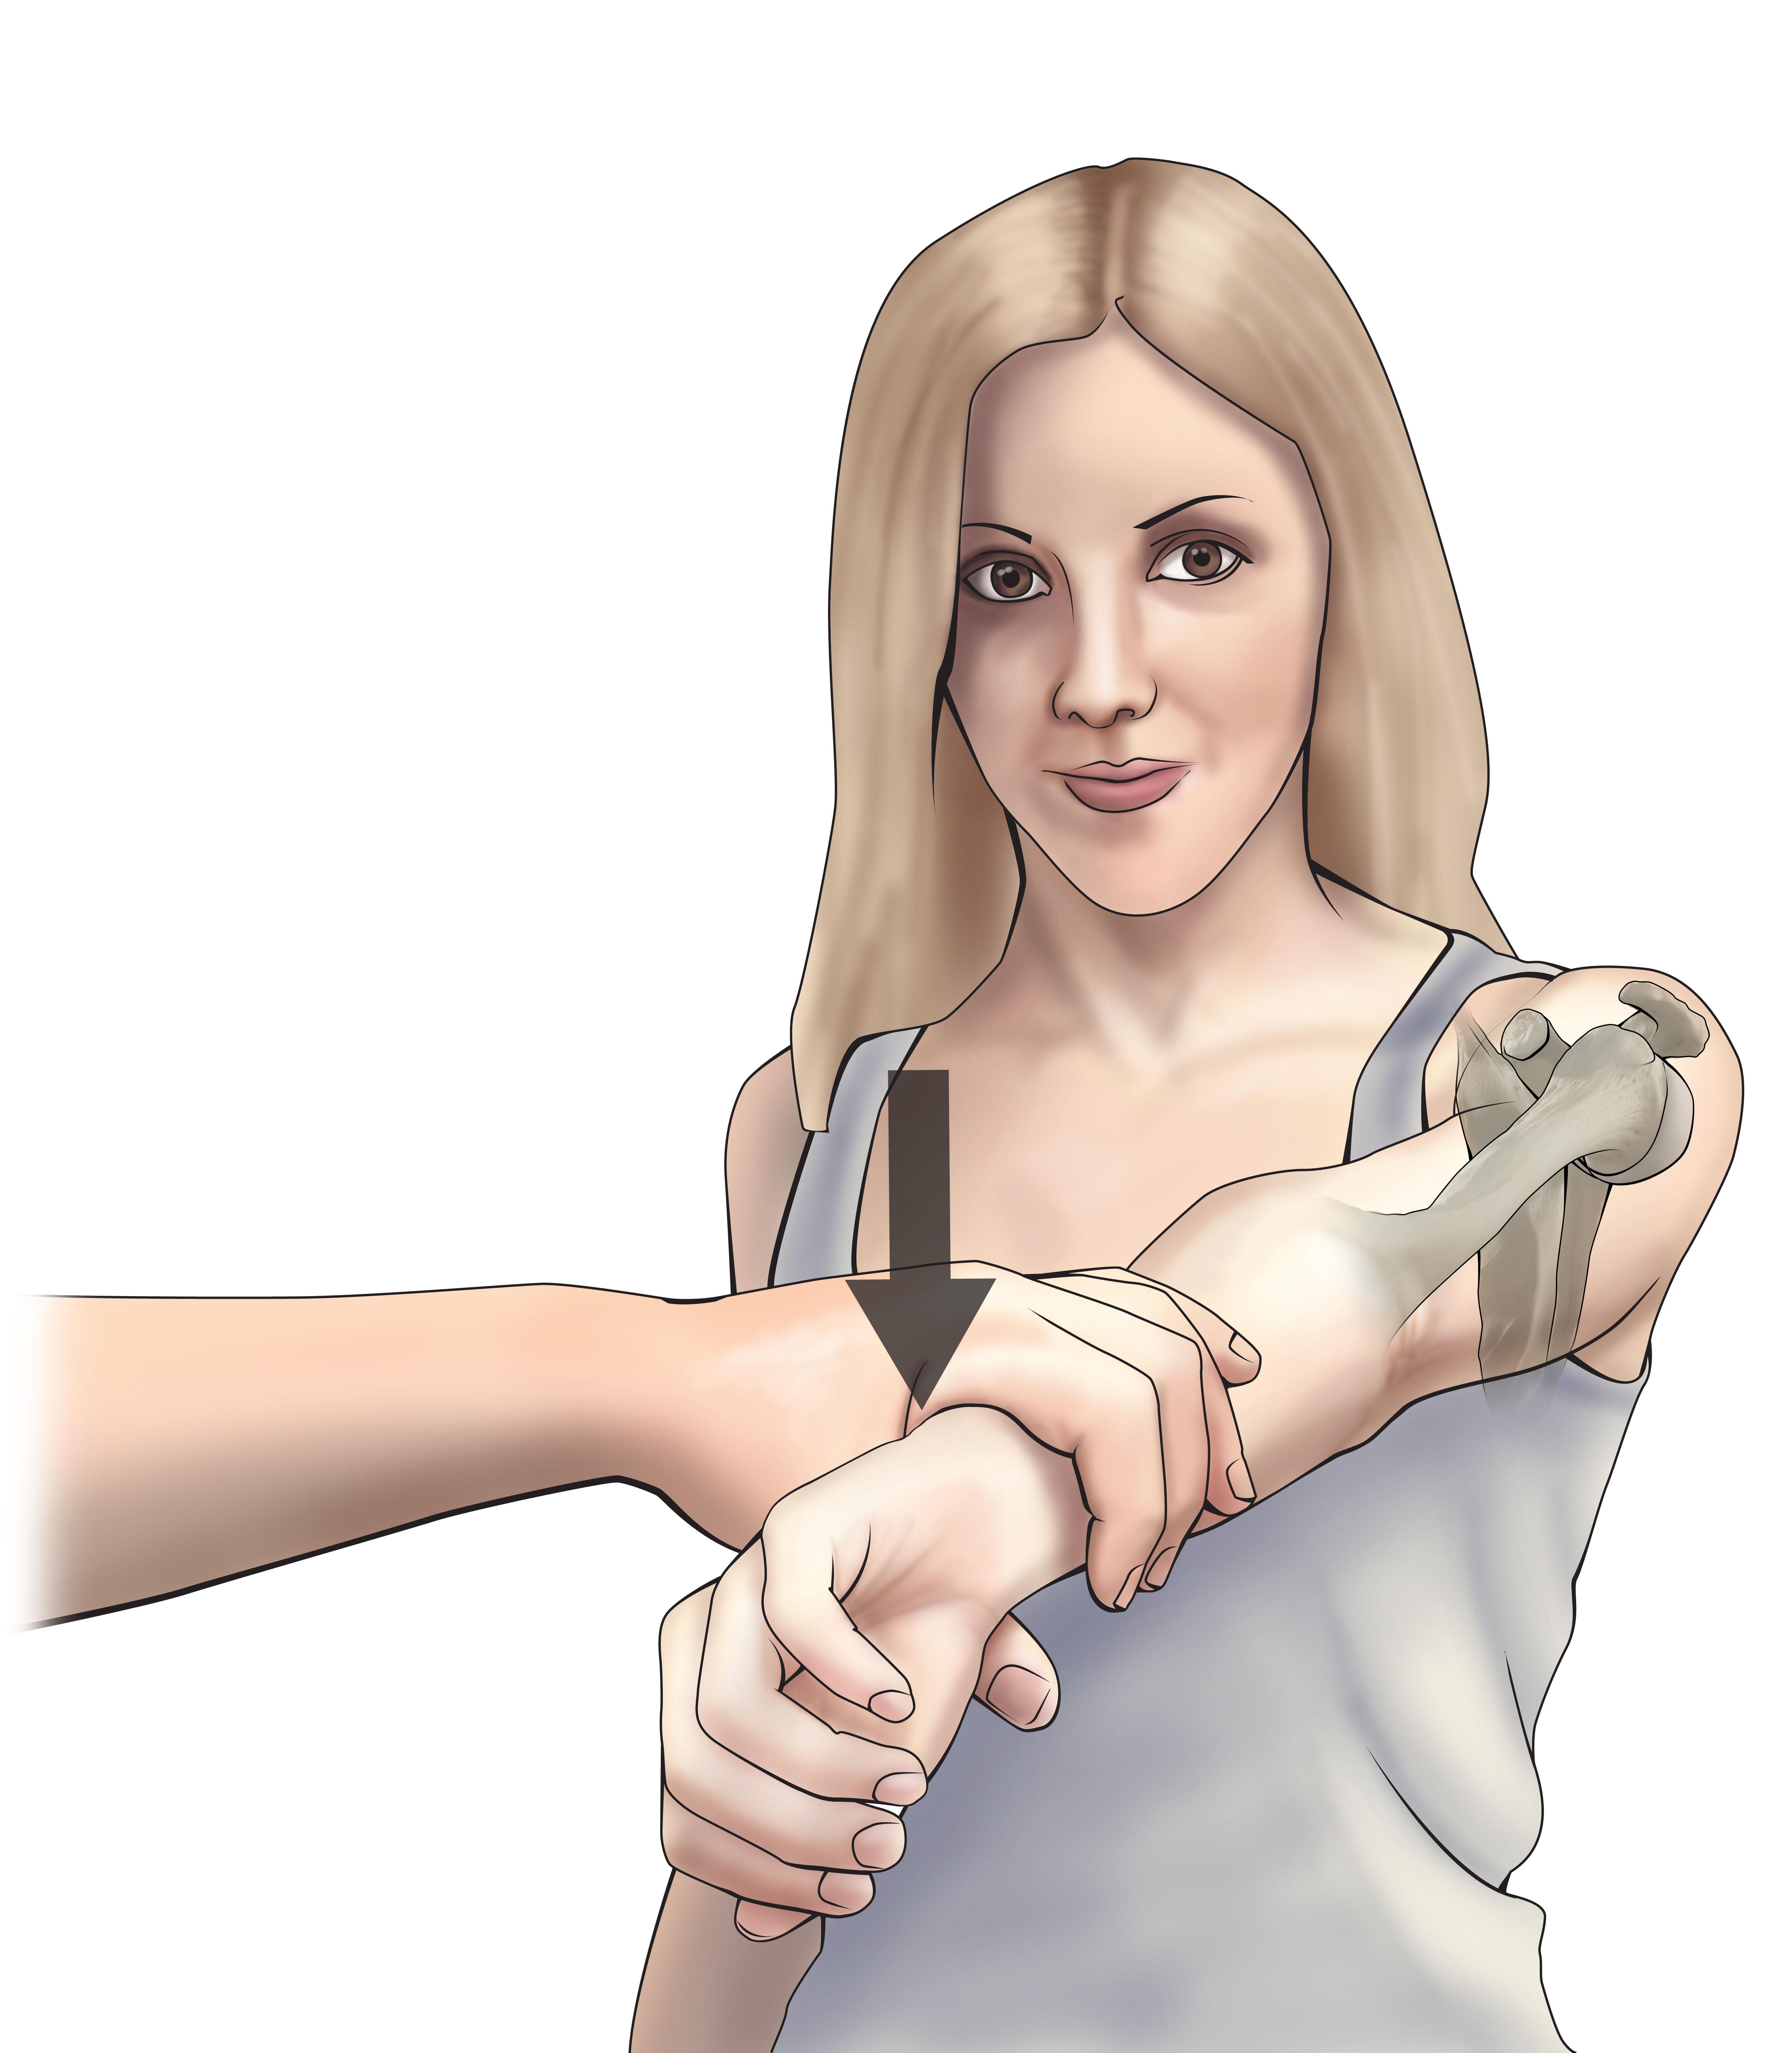 Diagnostics tests Wrightington test for shoulder Medical illustration